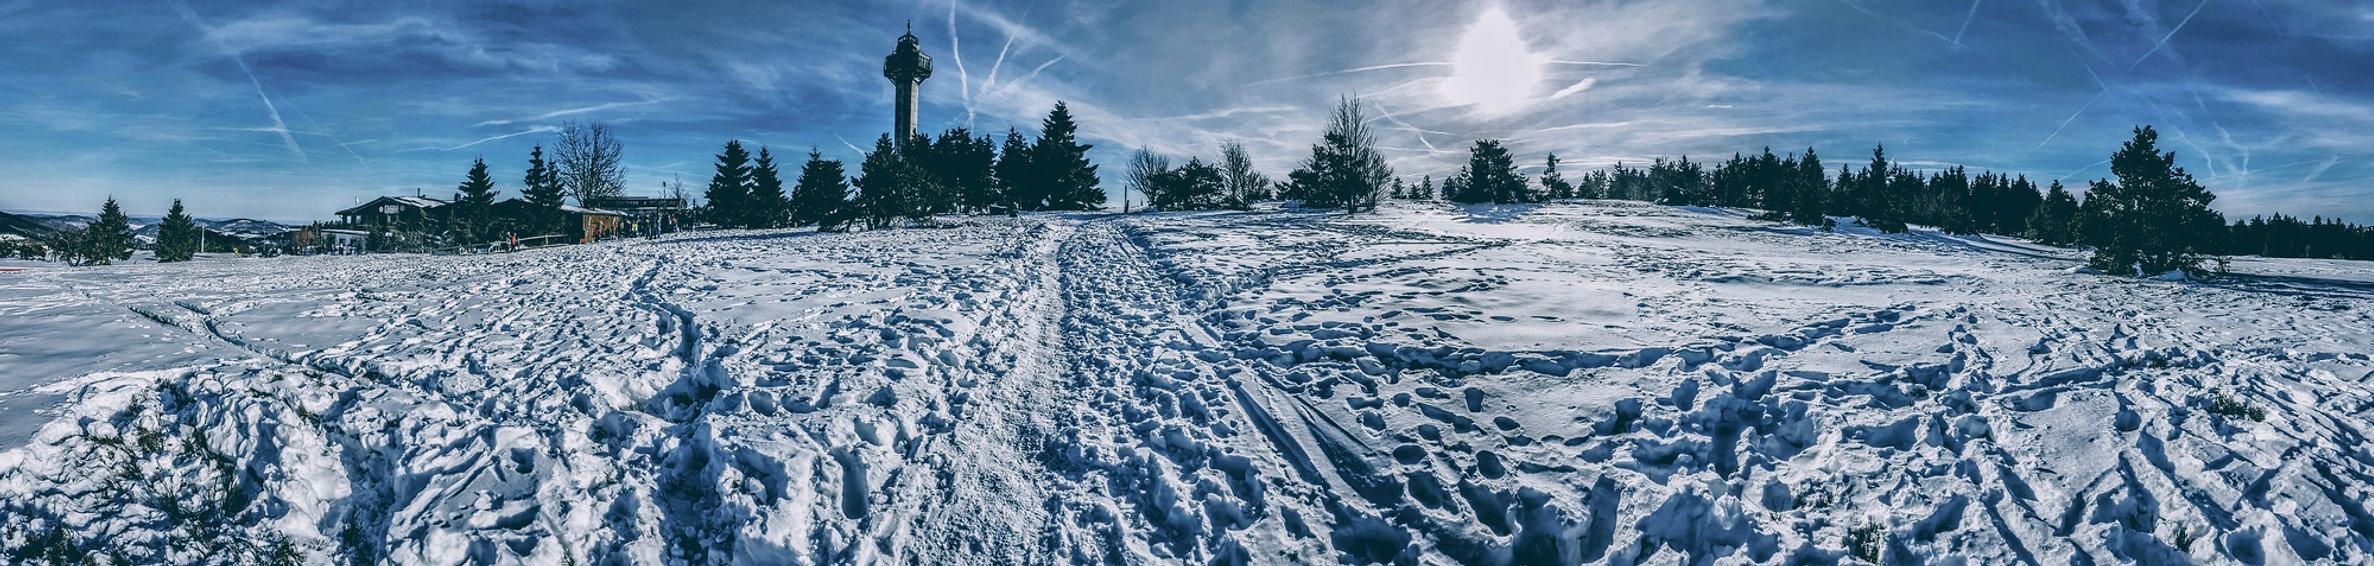 snow-3294063.jpg